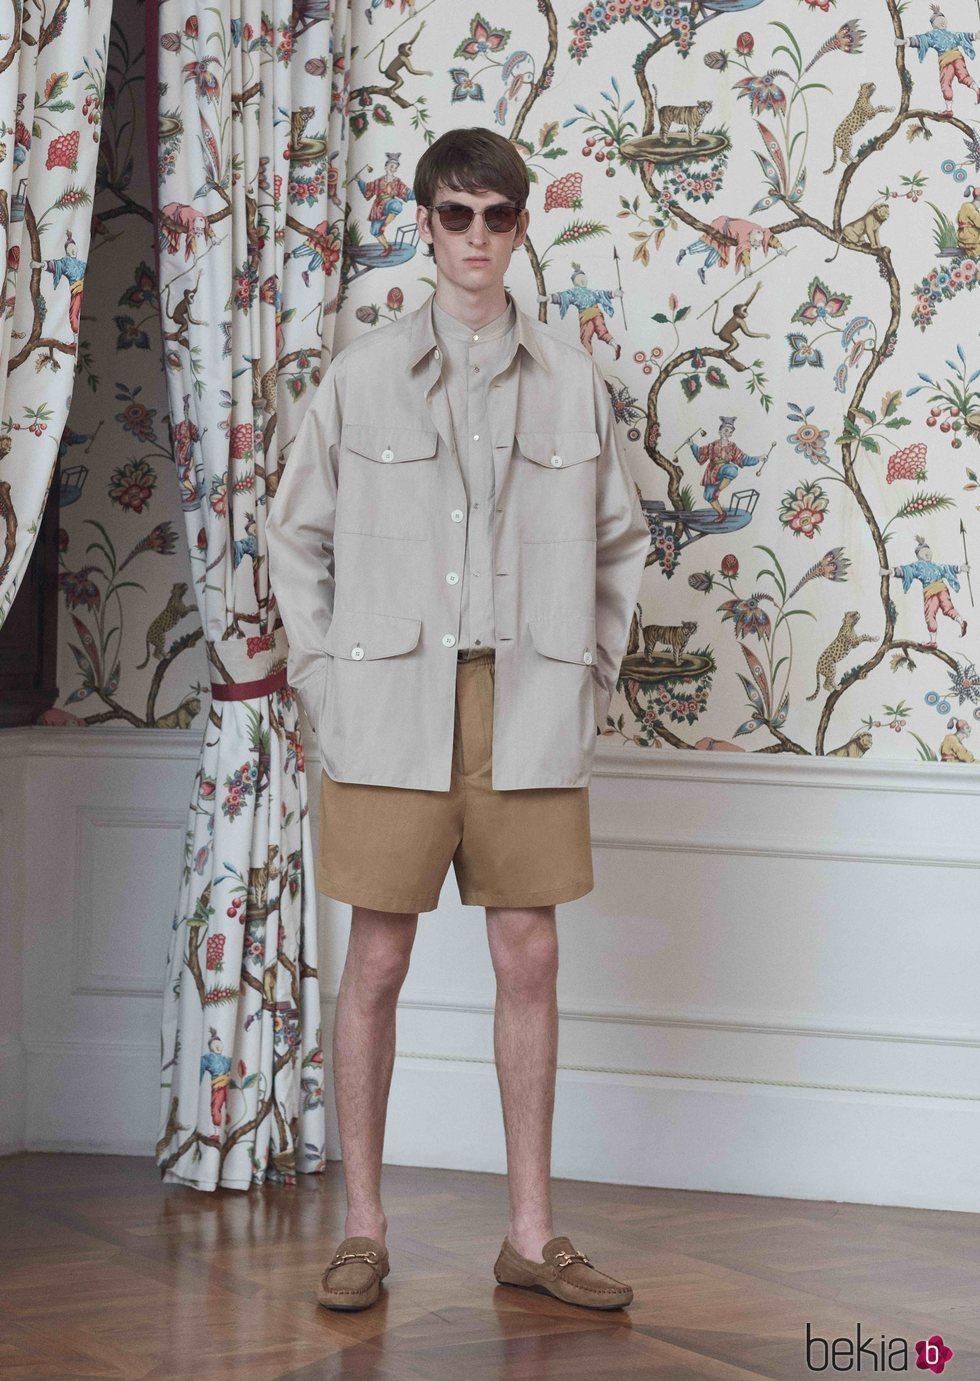 Modelo con un total look en color beige de la colección primavera/verano 2019 de Salvatore Ferragamo